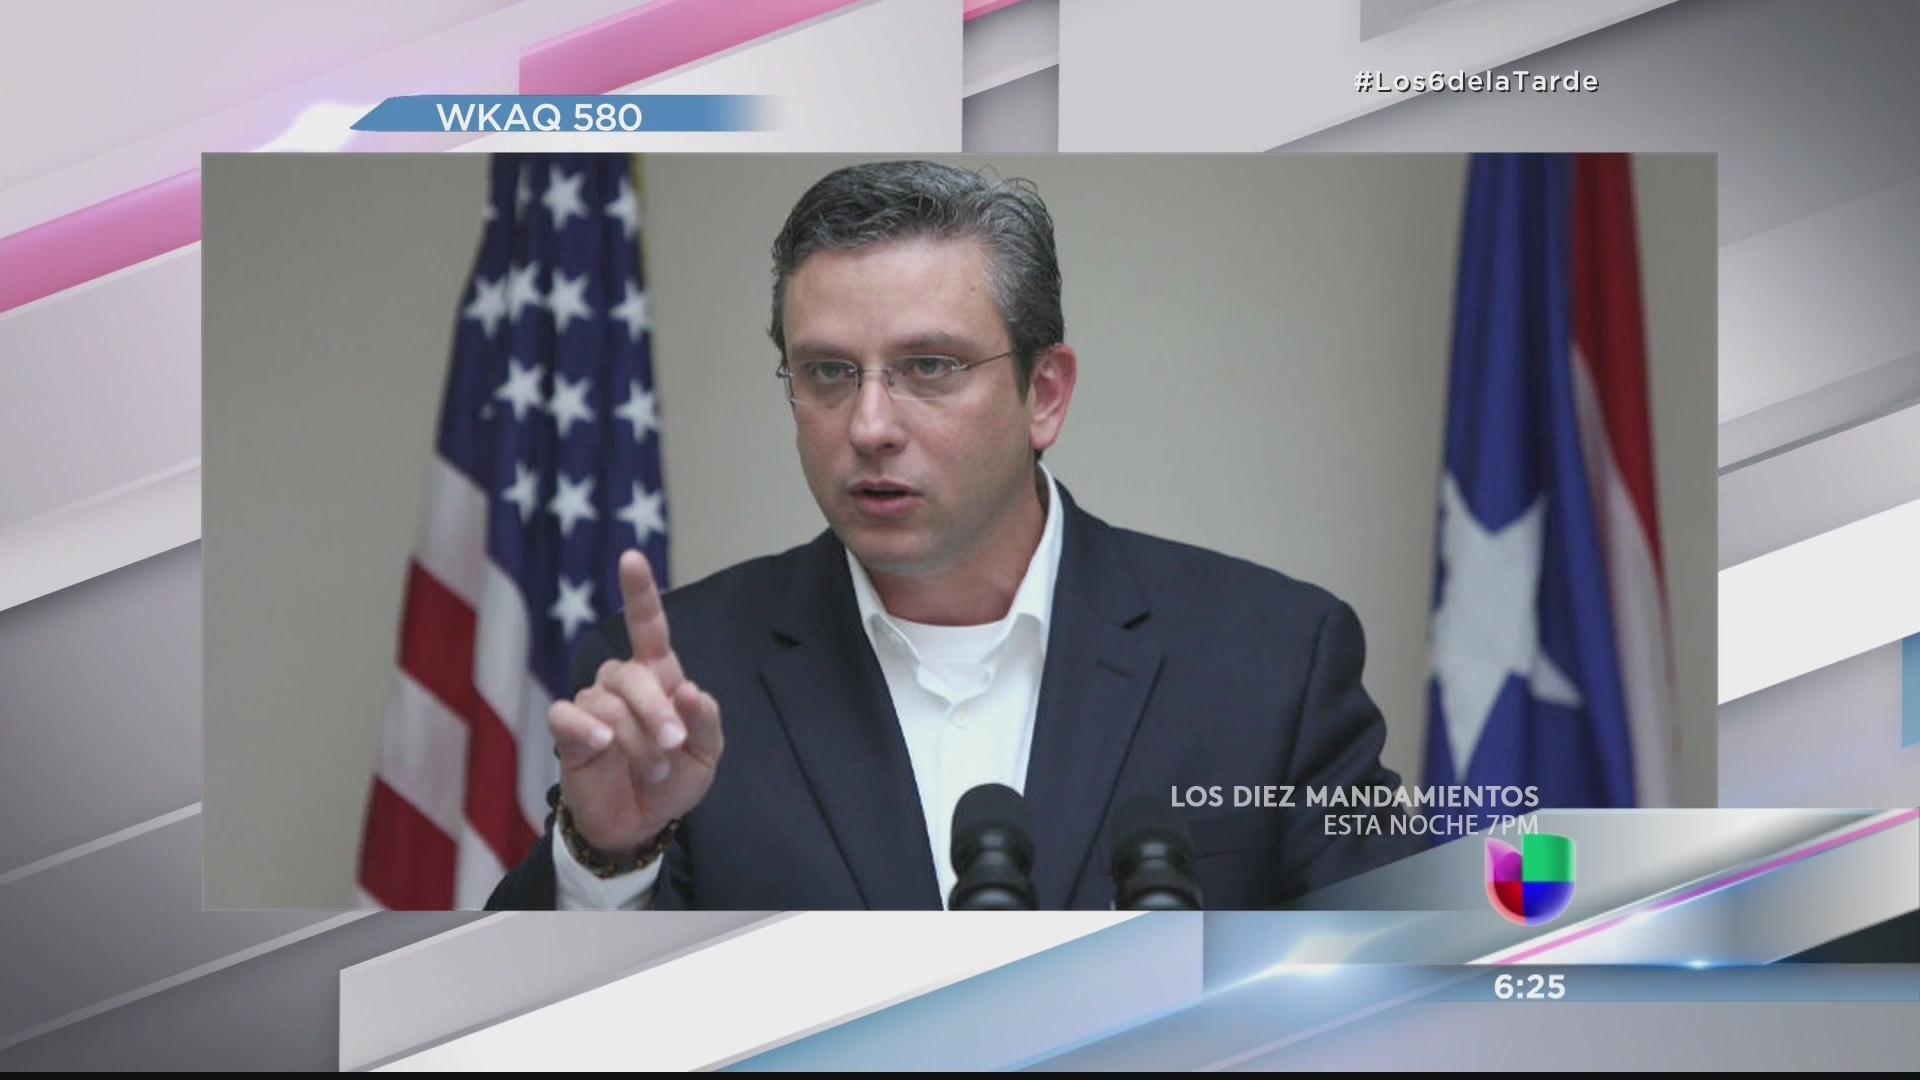 Gobernador alega que eliminan IVA porque es año electoral